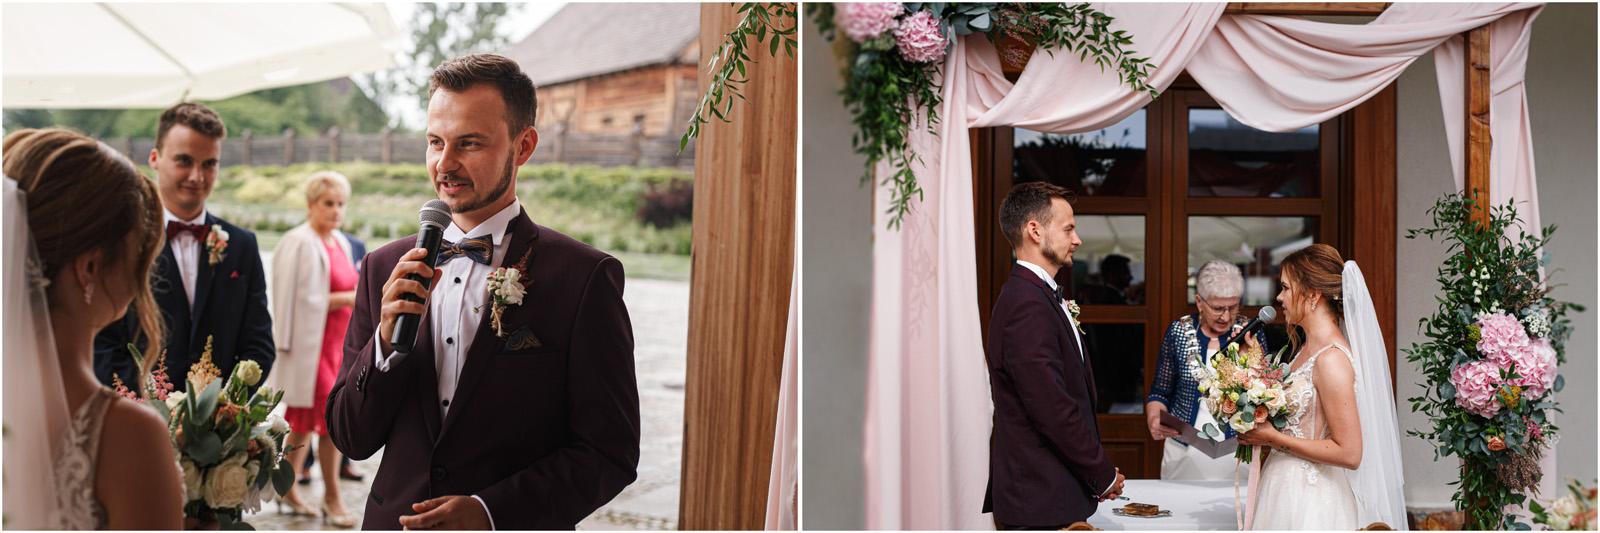 Kasia & Damian   ślub plenerowy w Kuźni Smaków i sesja w skansenie 35